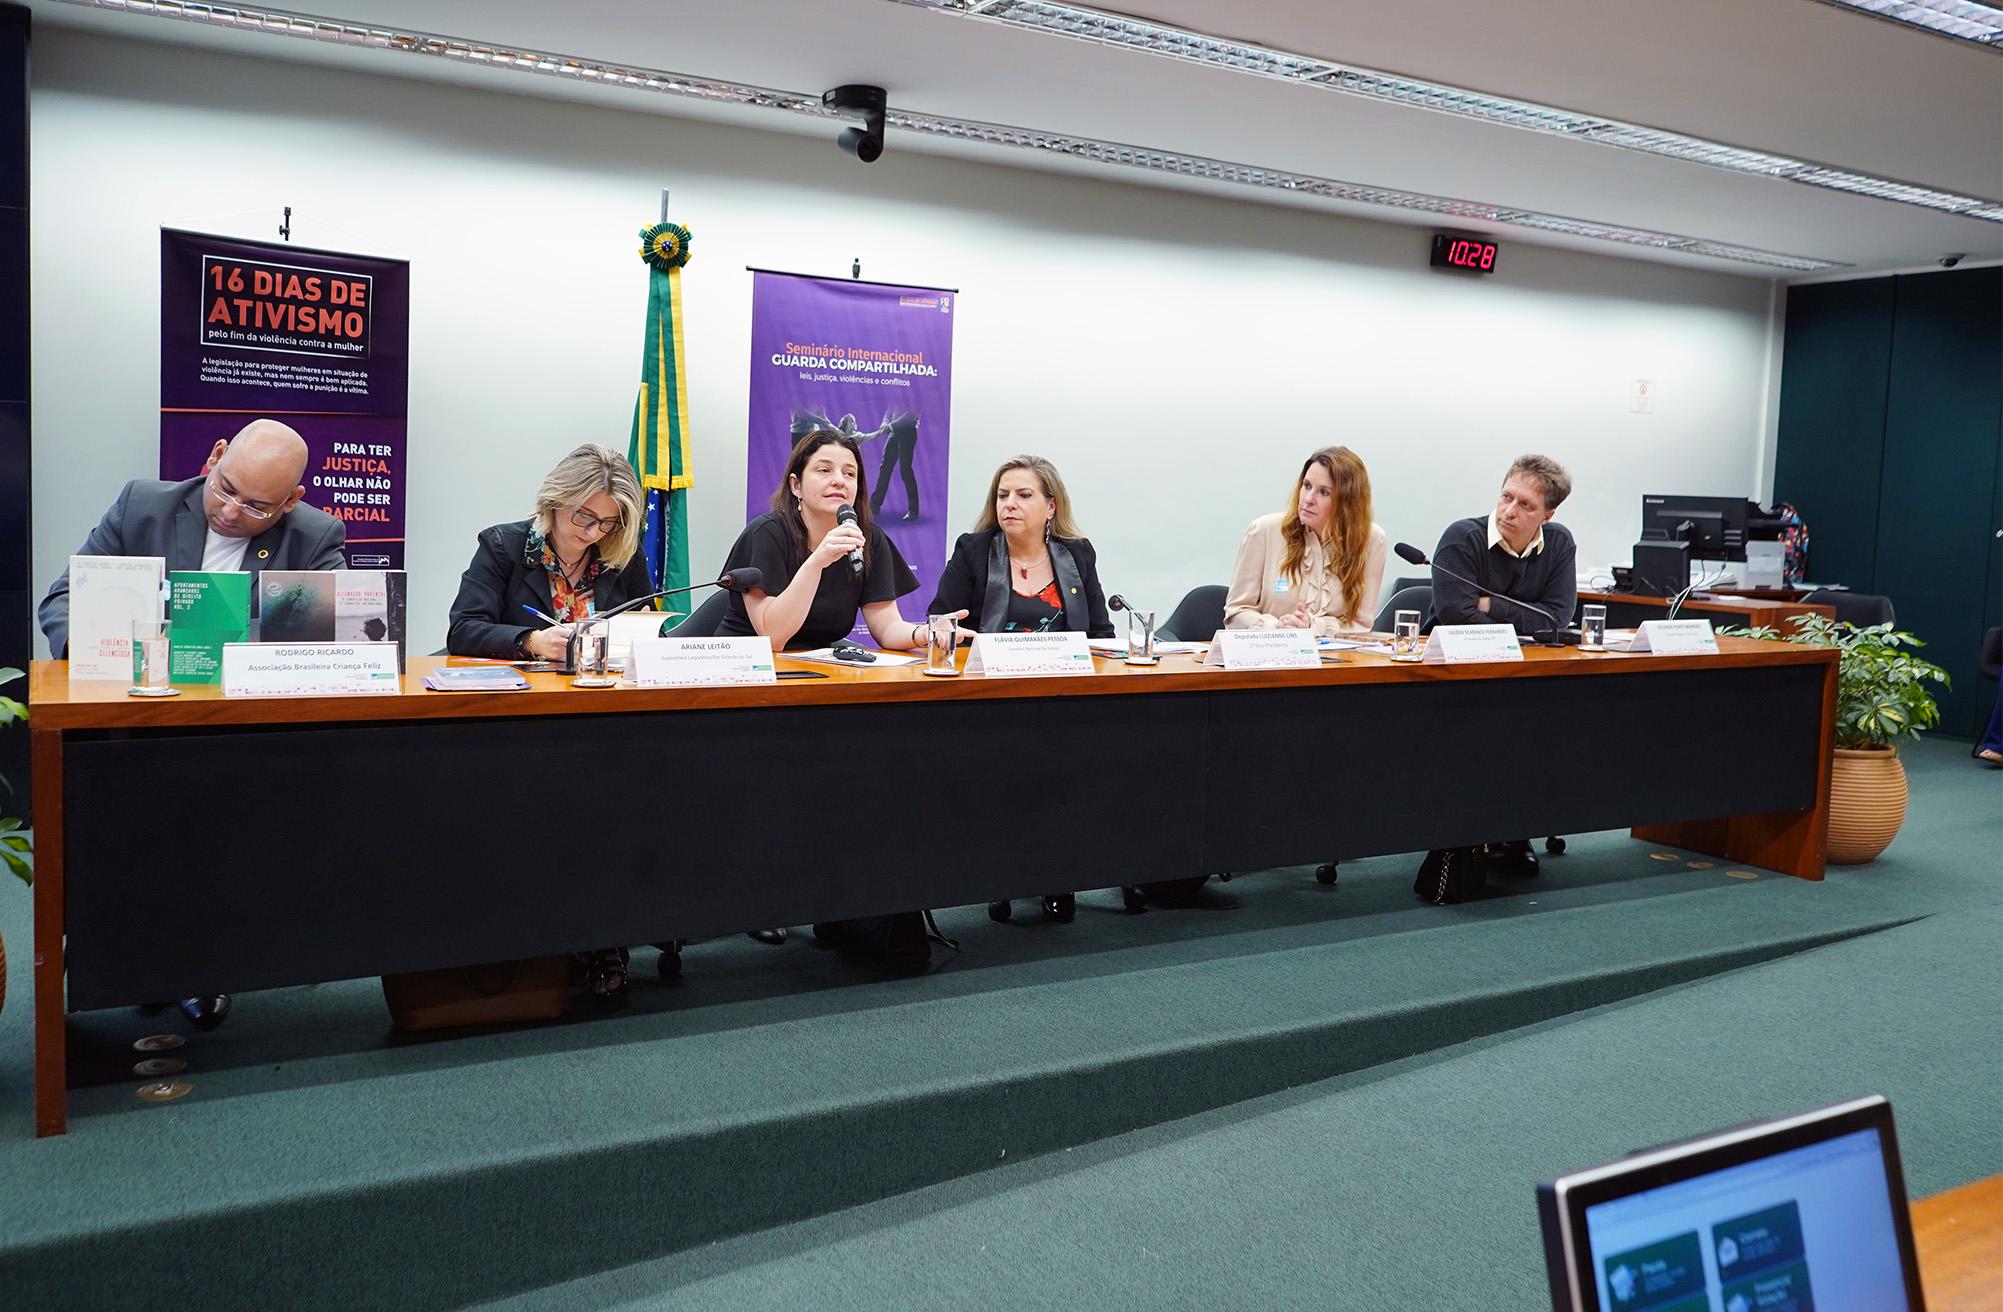 Seminário Internacional guarda compartilhada: Leis, Justiça, Violências e Conflitos